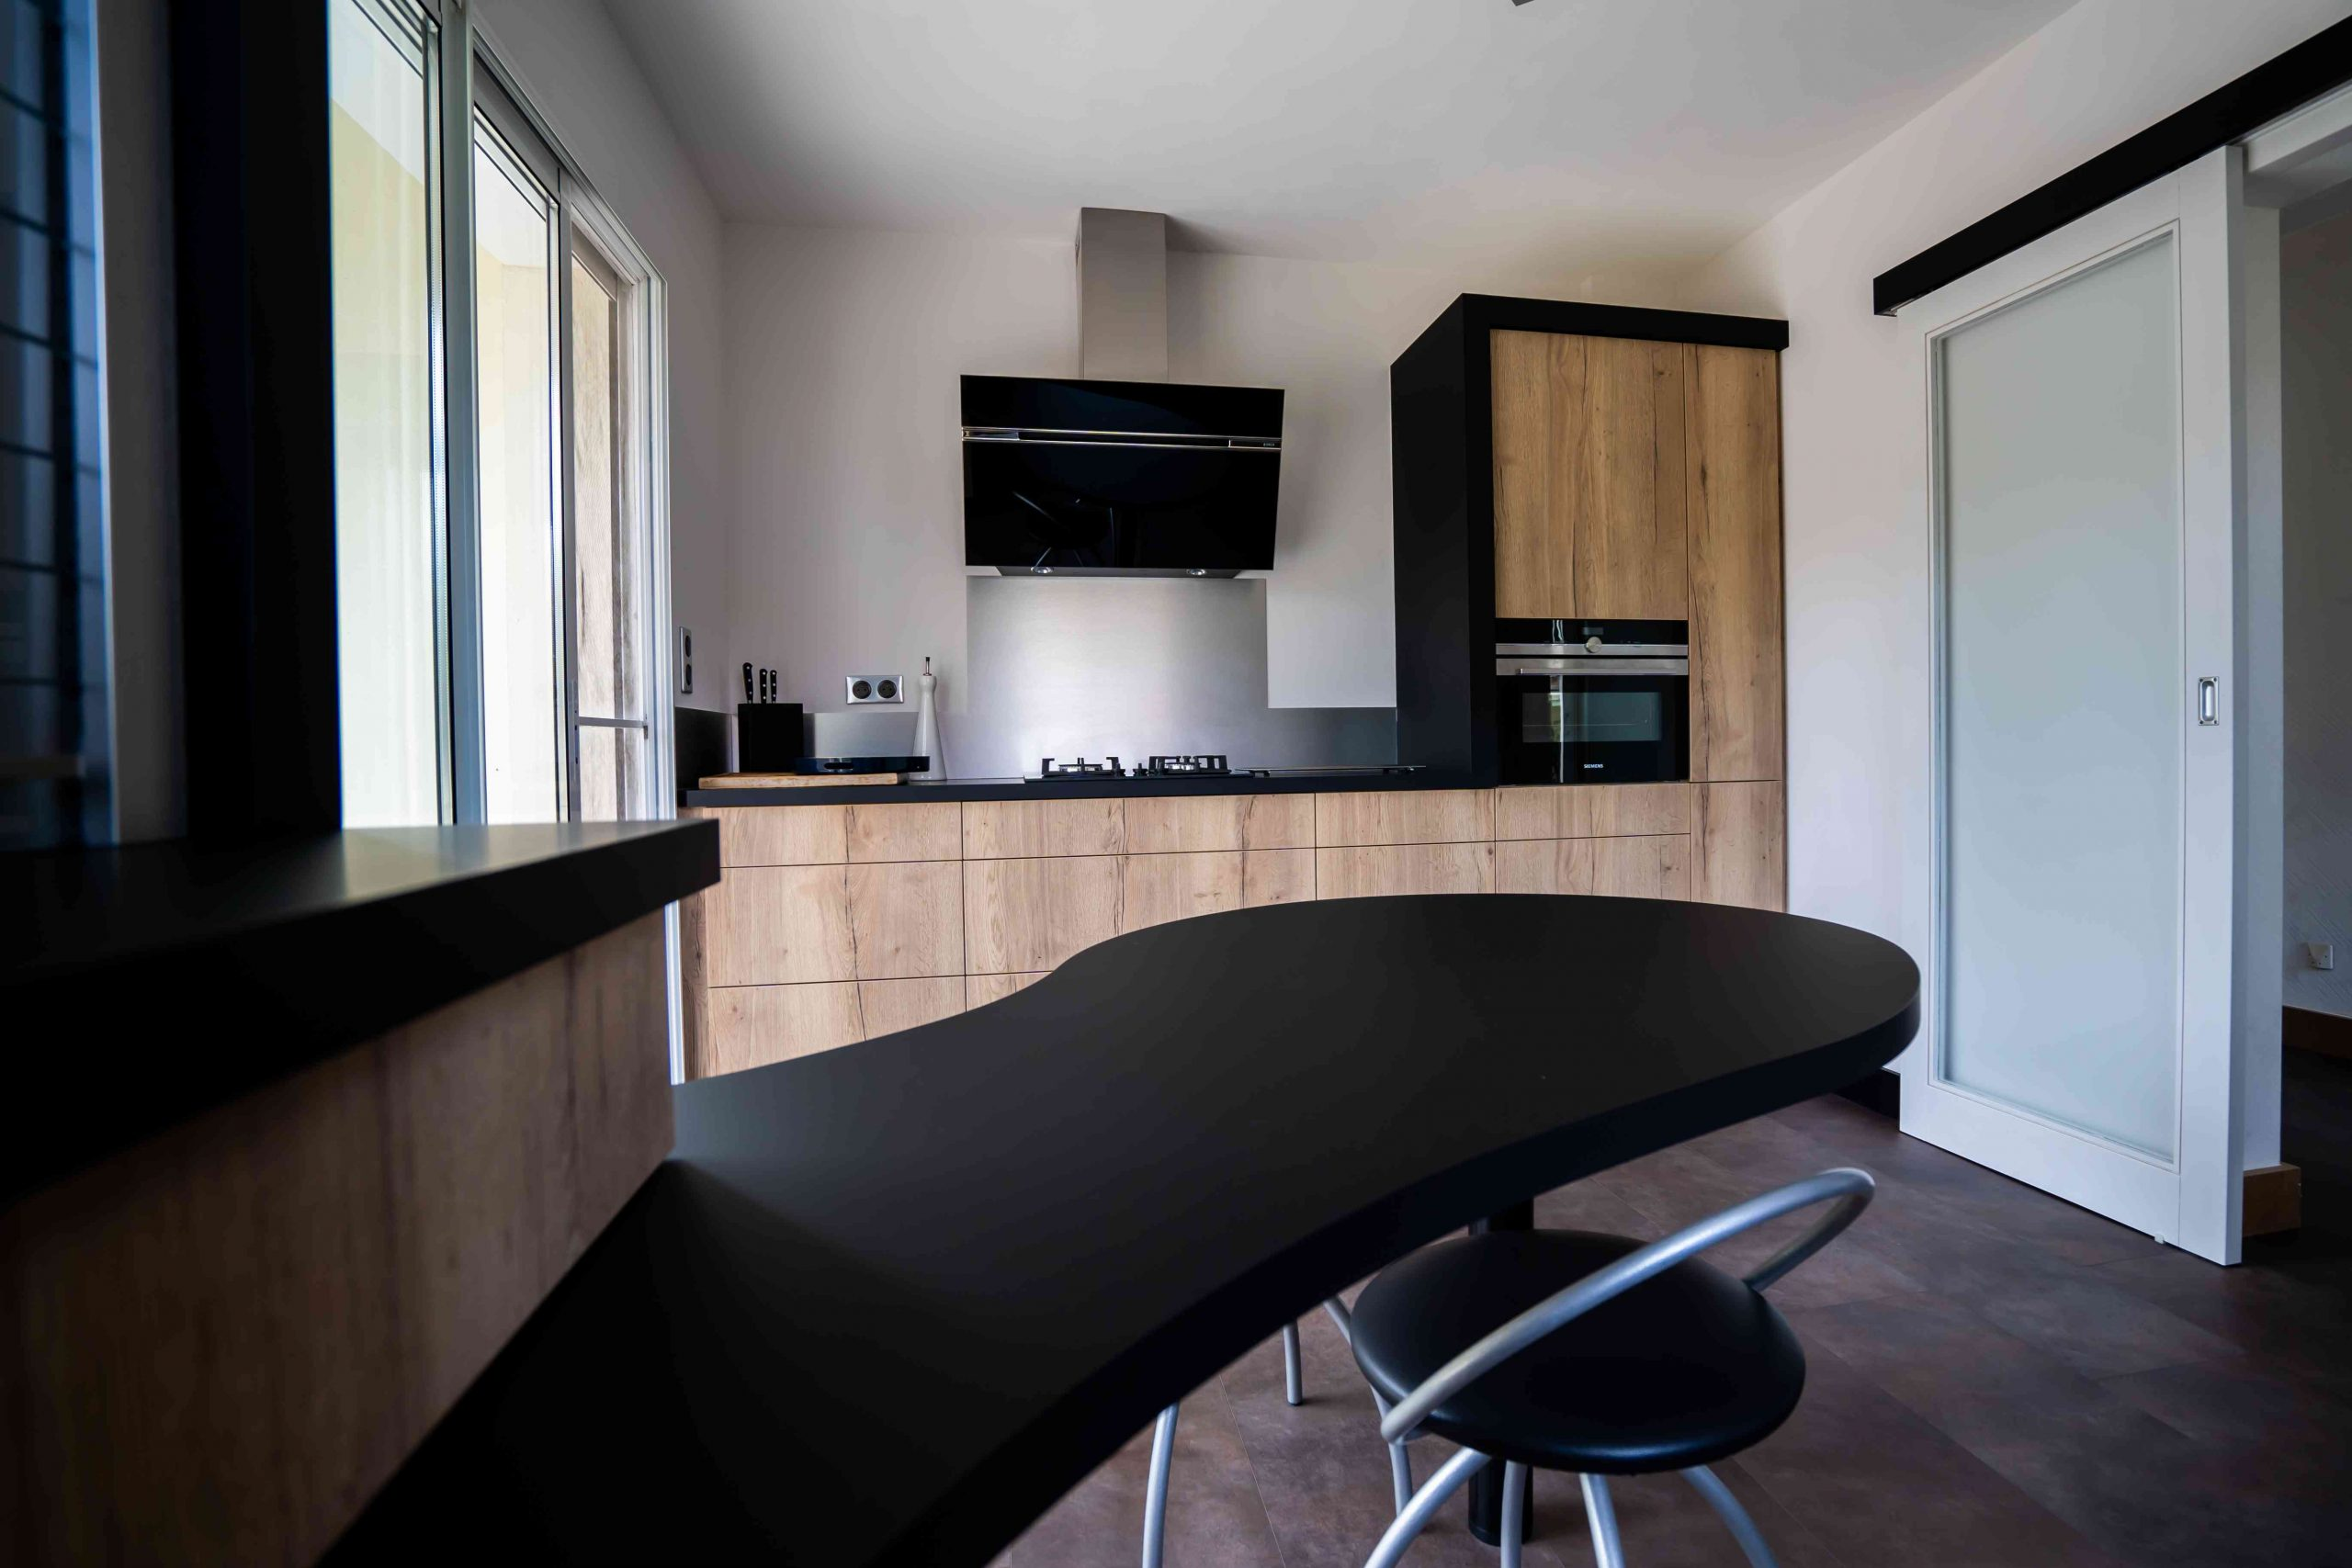 RDI01282 scaled - Cuisine noir et chêne avec table de repas arrondie